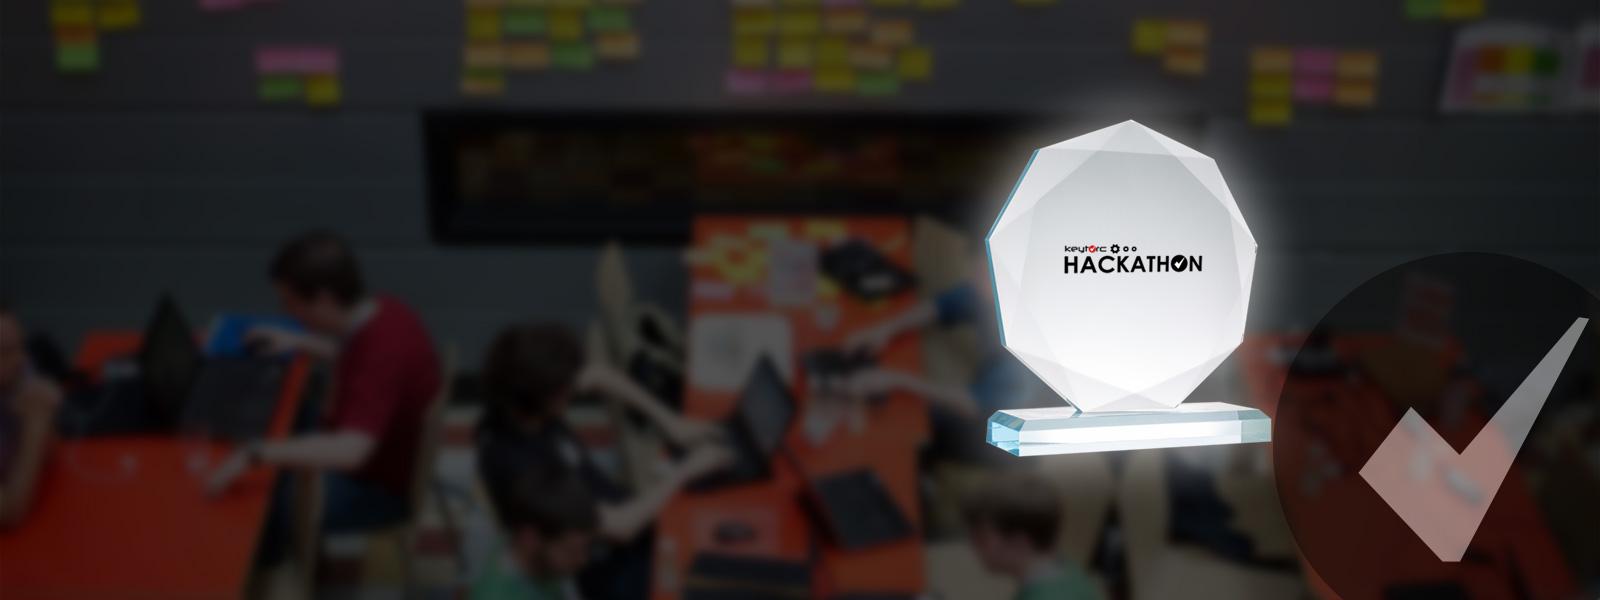 hachathon-banner